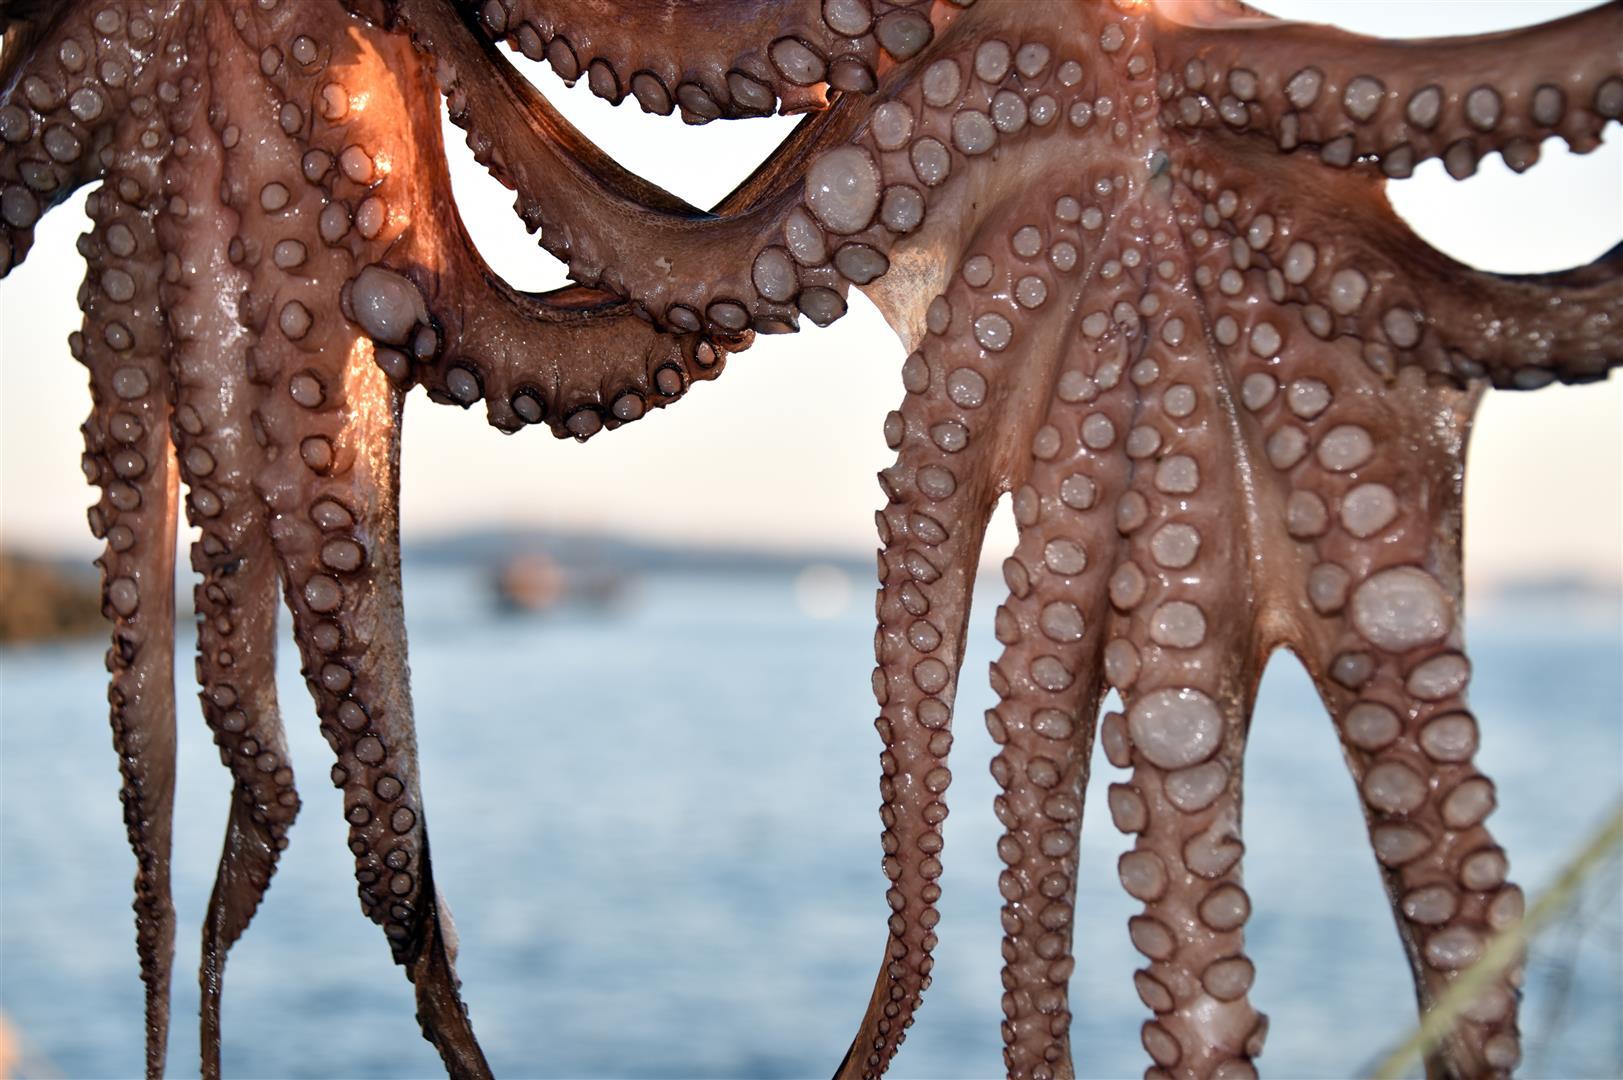 Food - Calamari2 (Large)